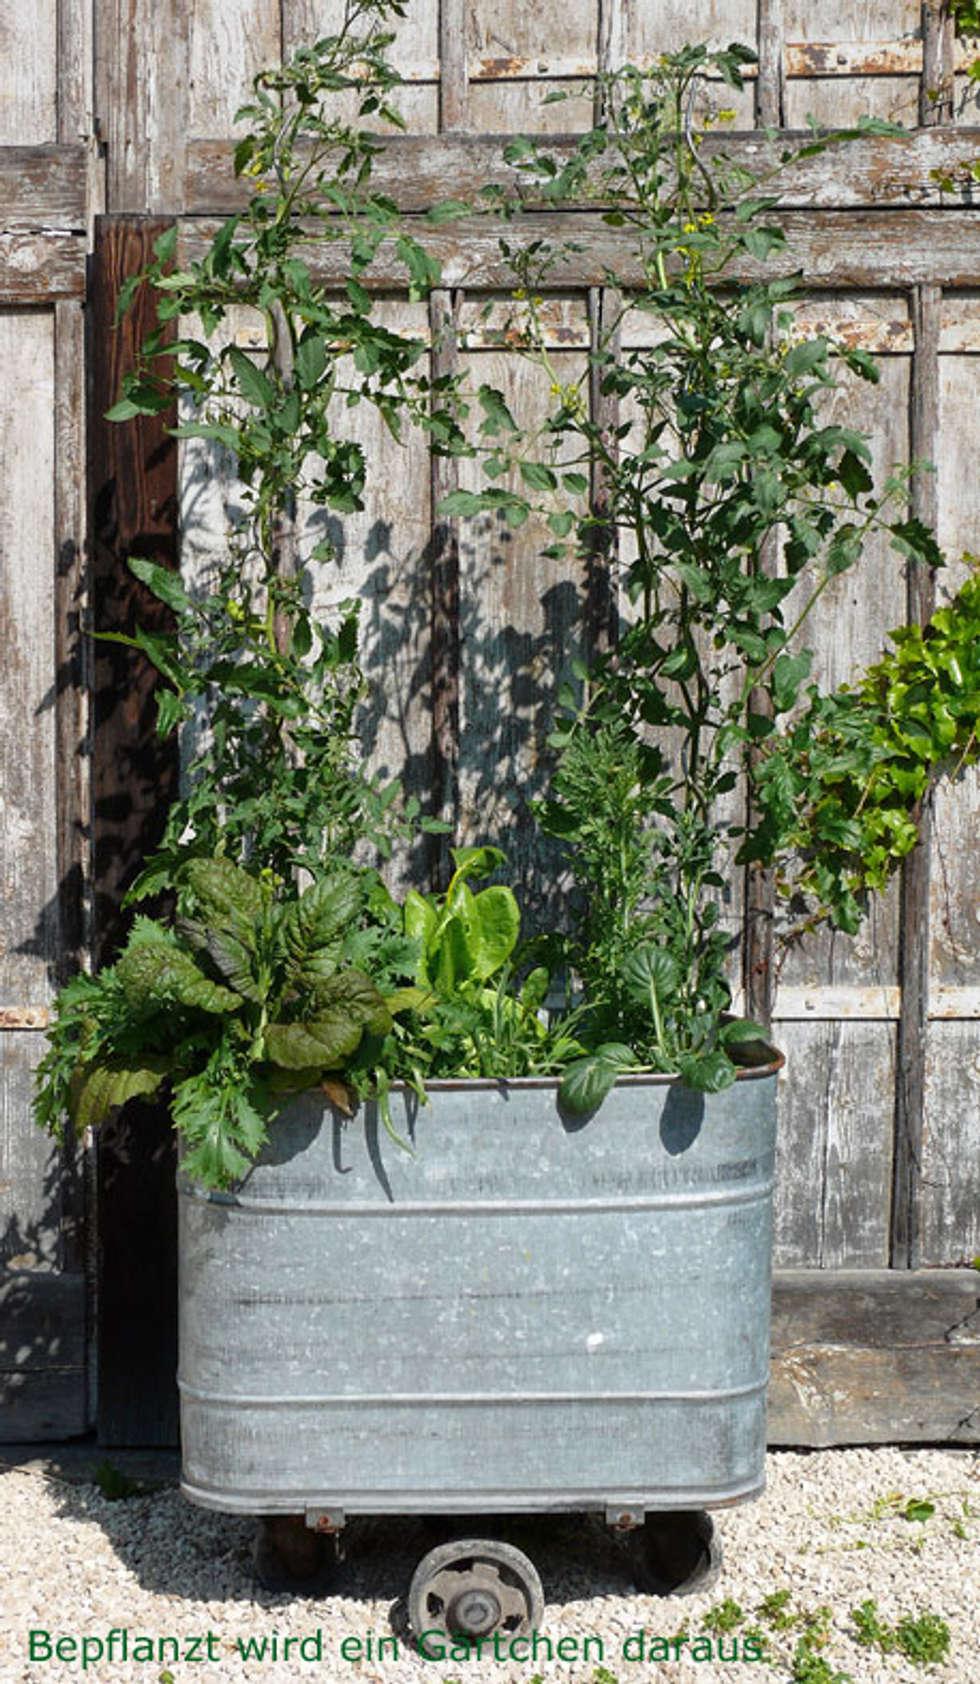 Blickfang Blickfang Alte Zeiten Dekoration Von Upcycling Für Den Garten: Ausgefallener Garten Von